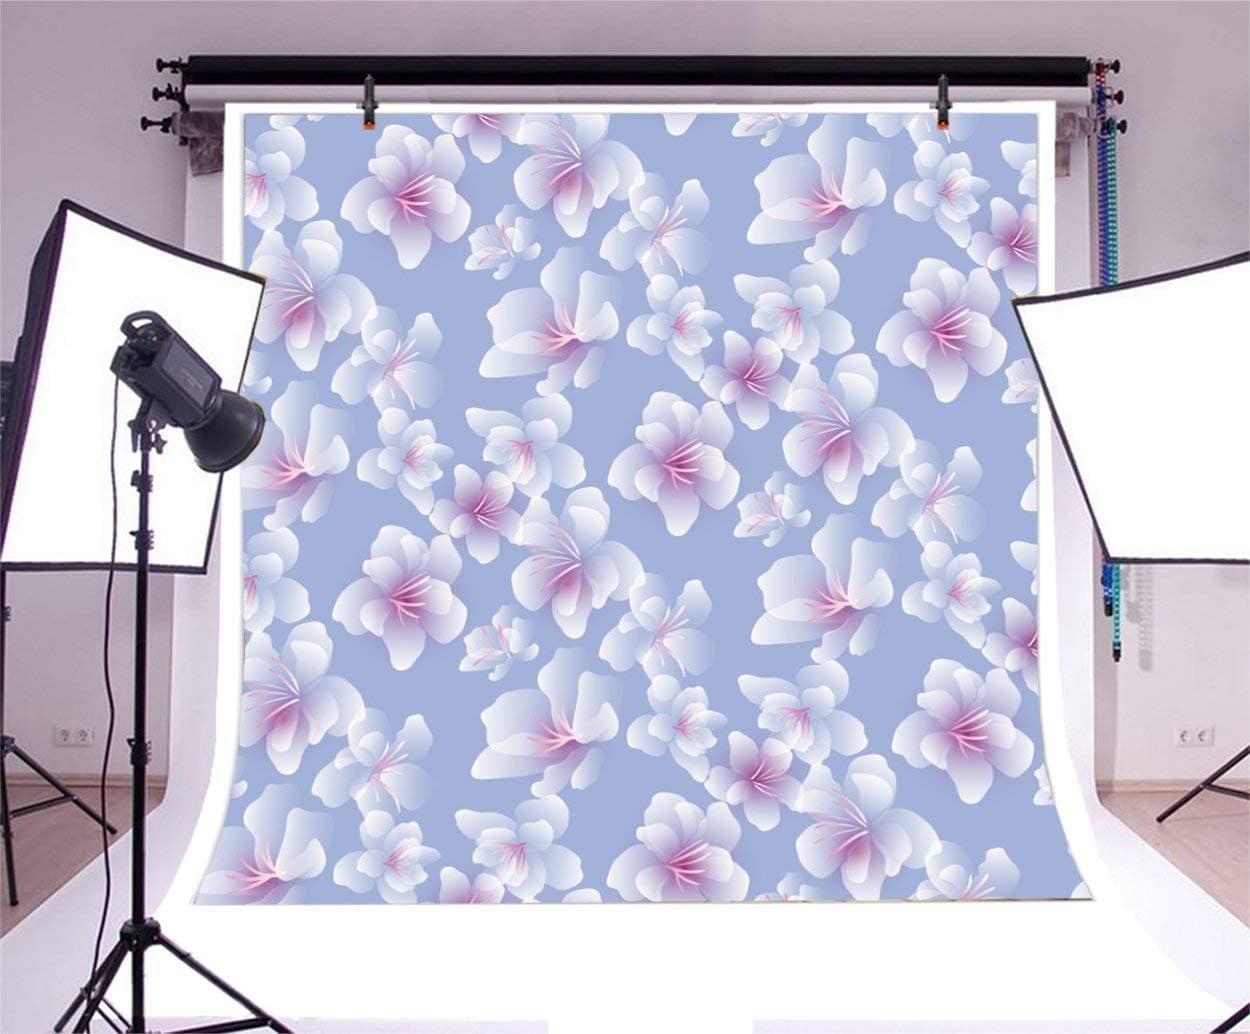 Blossoms Backdrop 8x8ft Watercolor Photography Backgroud Plain Theme Blue Backdorp Wallpaper Party Decor Product Pet Kid Adult Photo Potraits Art Studio Prop